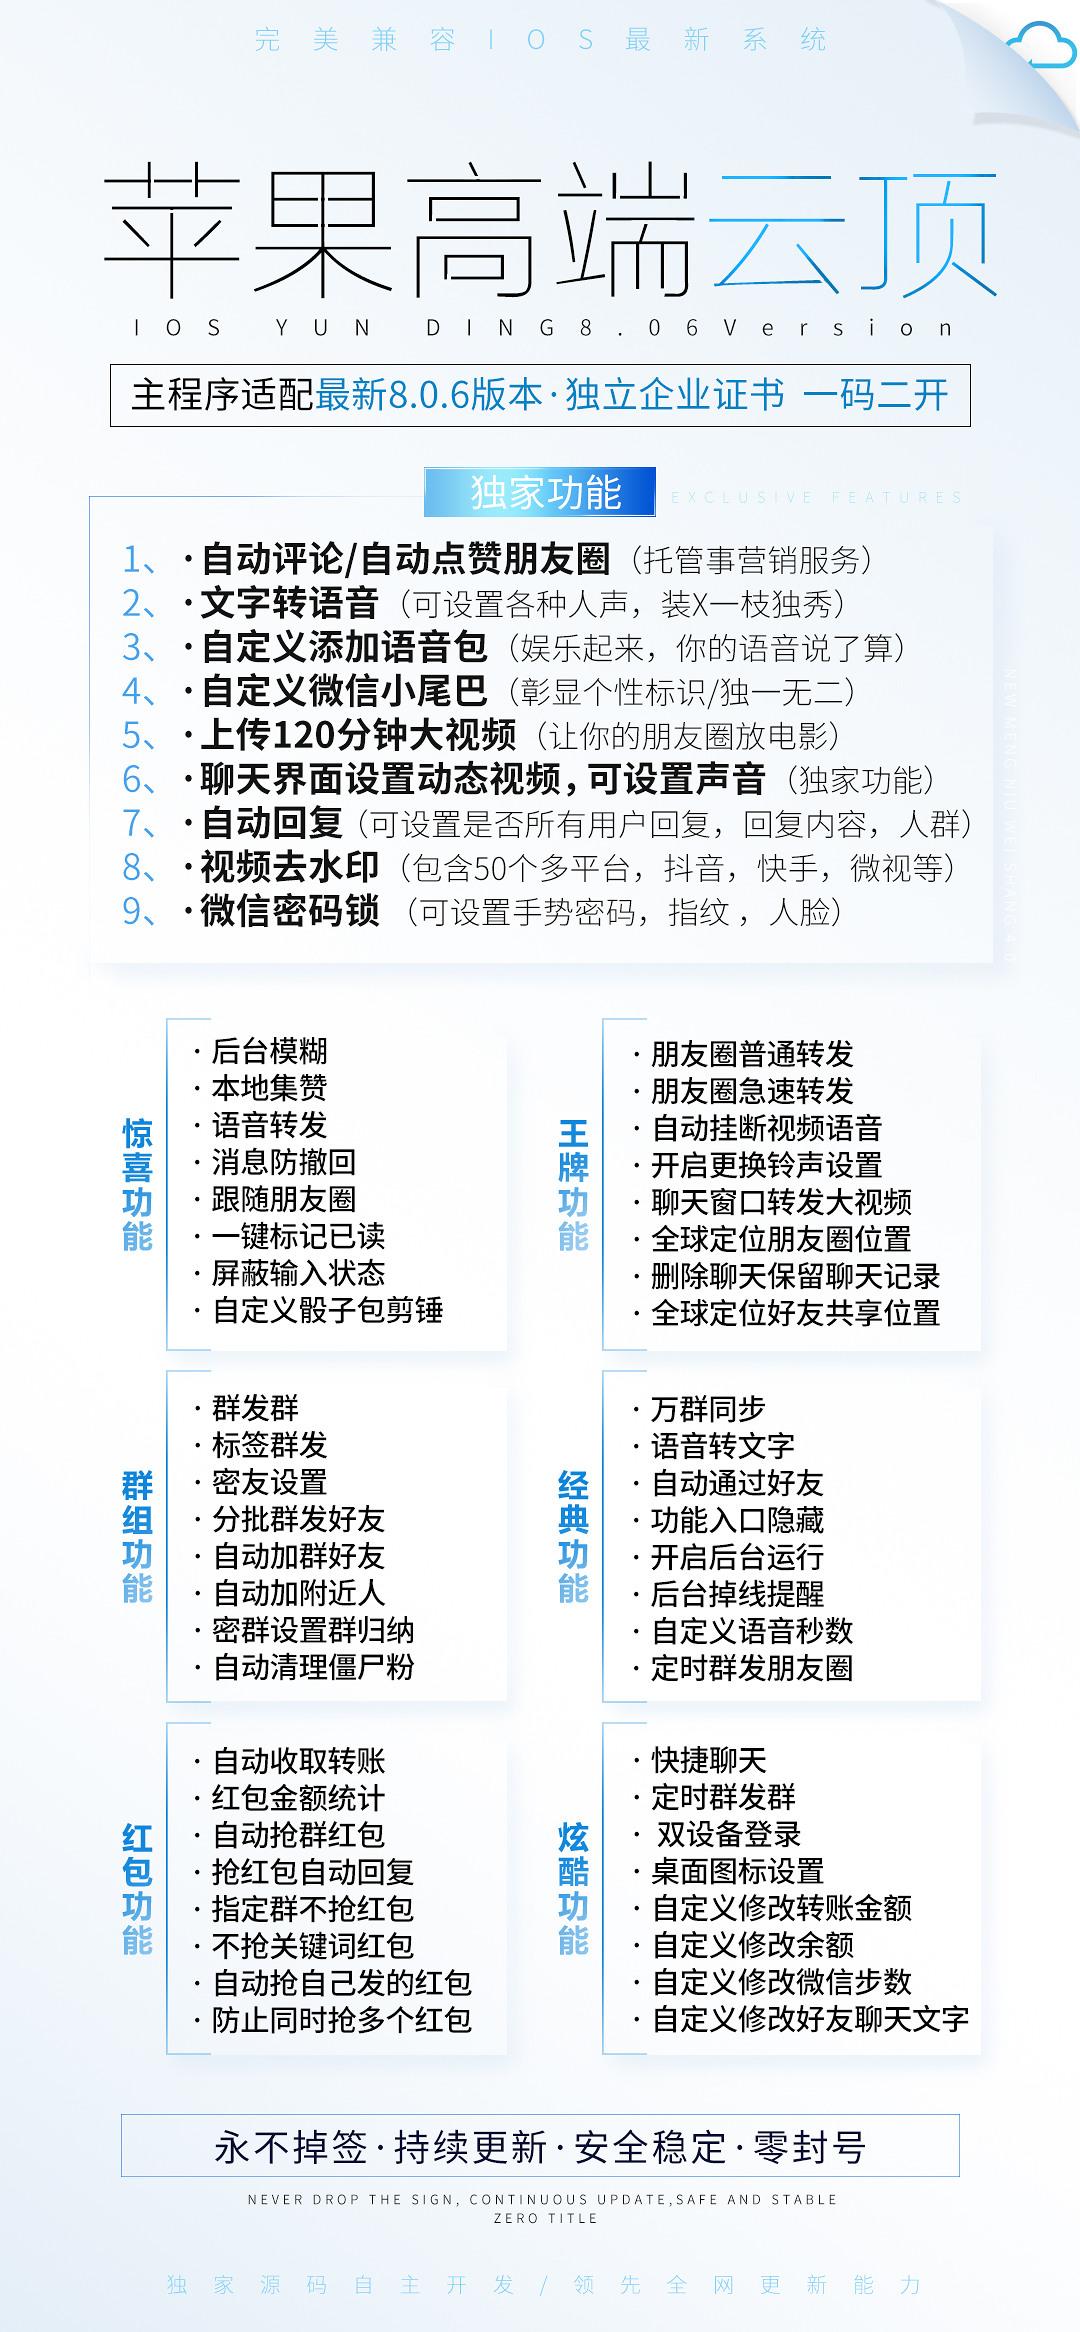 【苹果云顶激活码】苹果版多开分身/一码双开/企业级独立证书